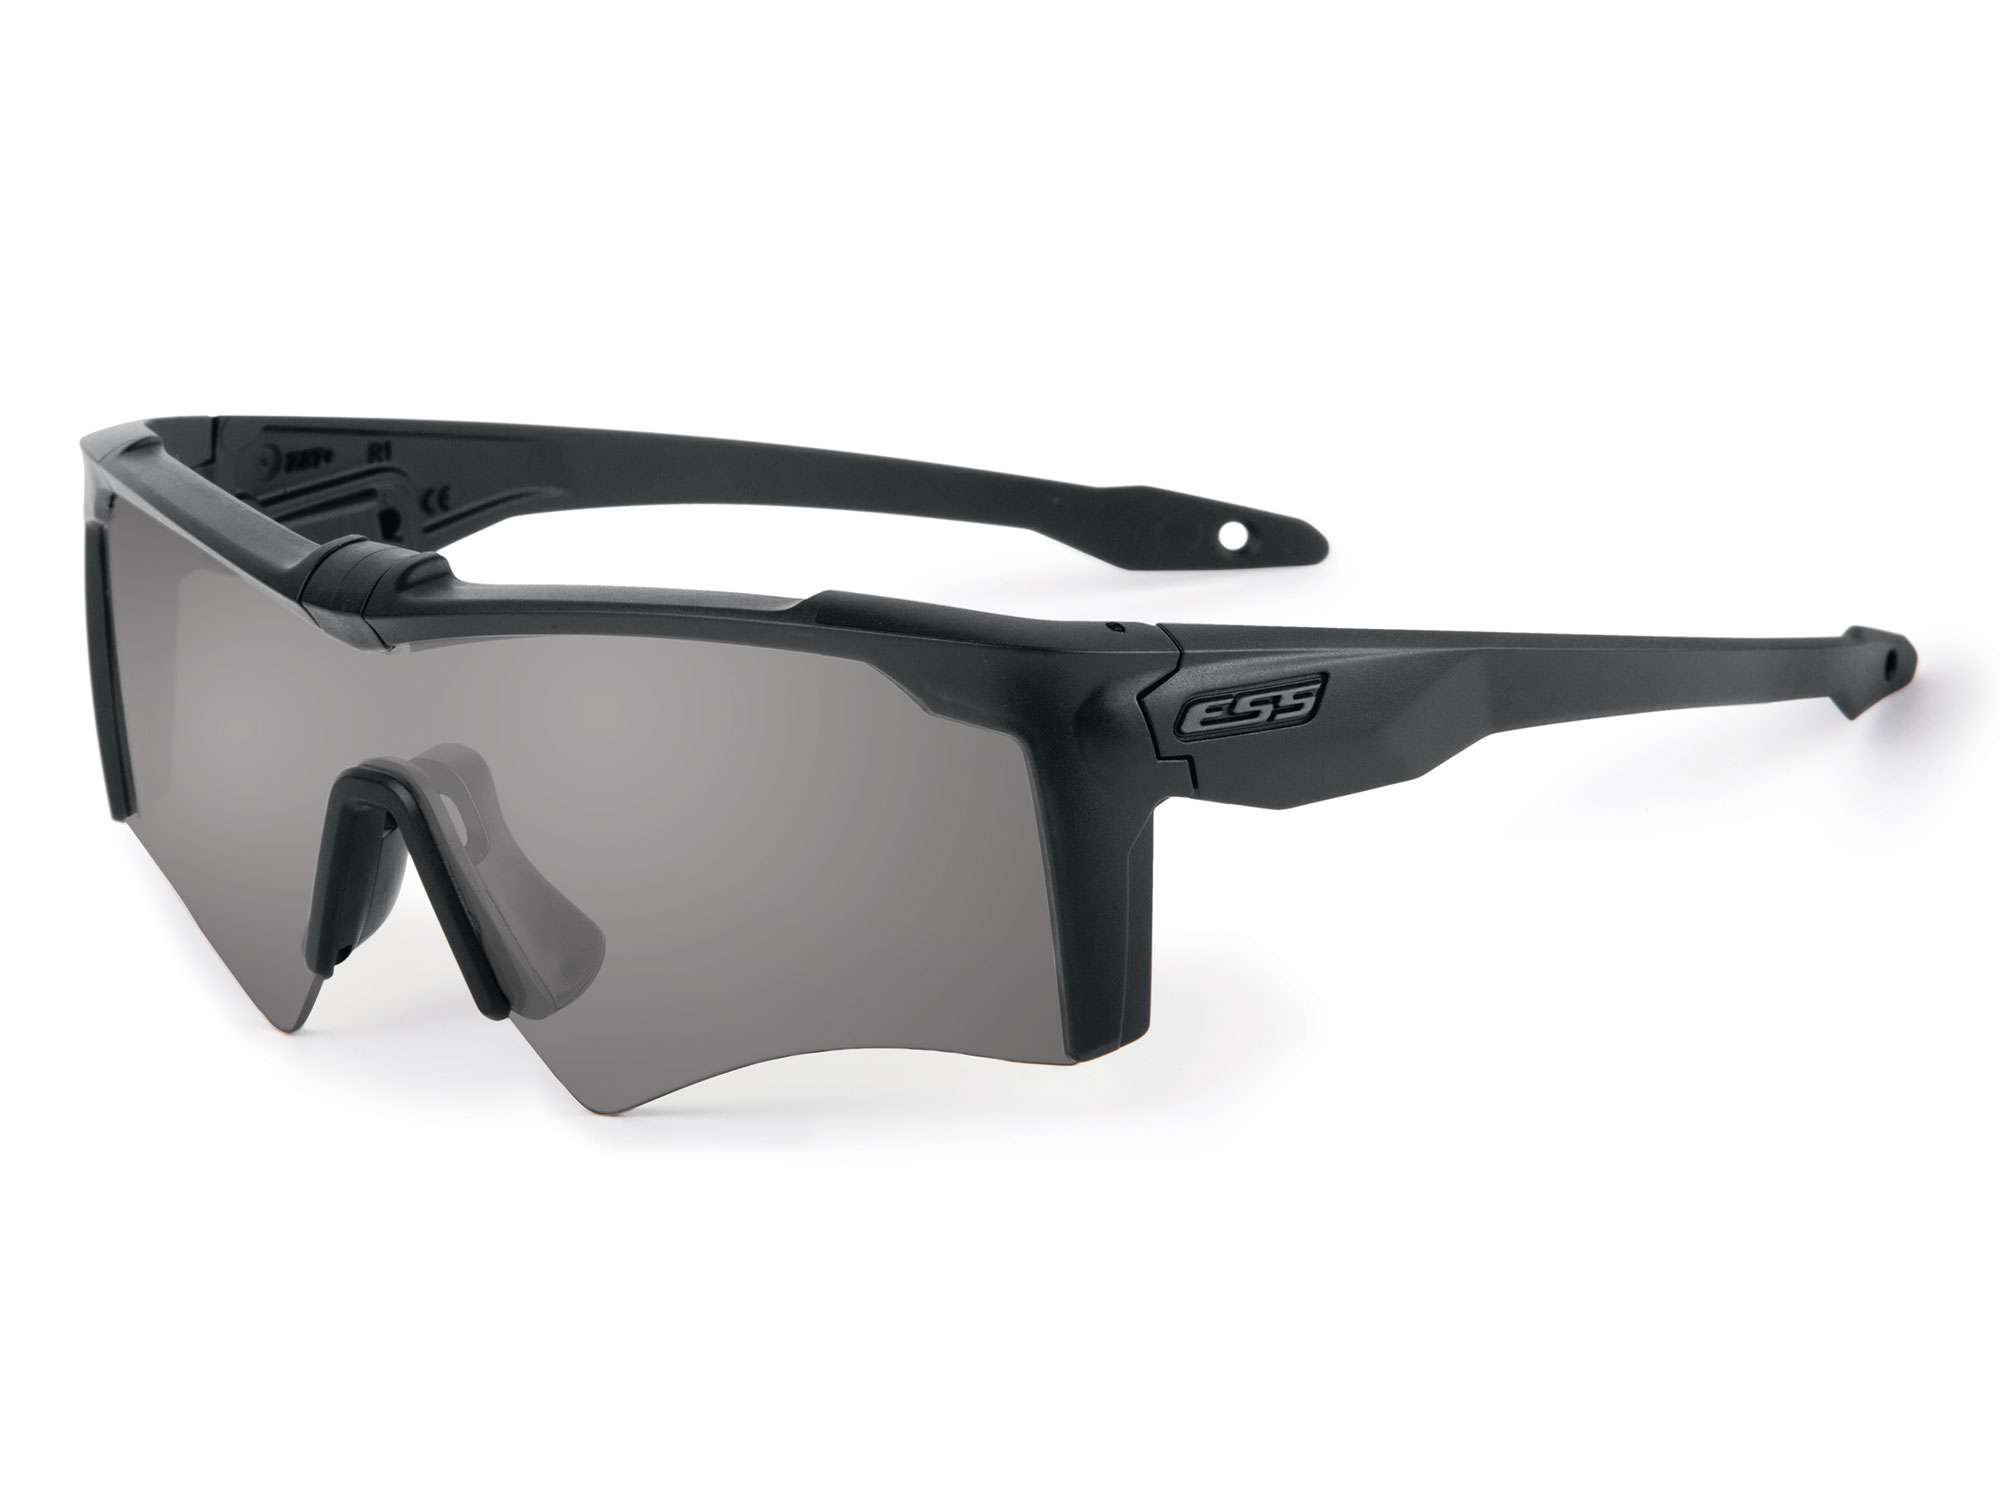 EE9020-01フレーム:ブラック レンズ:スモークグレイ、クリアー